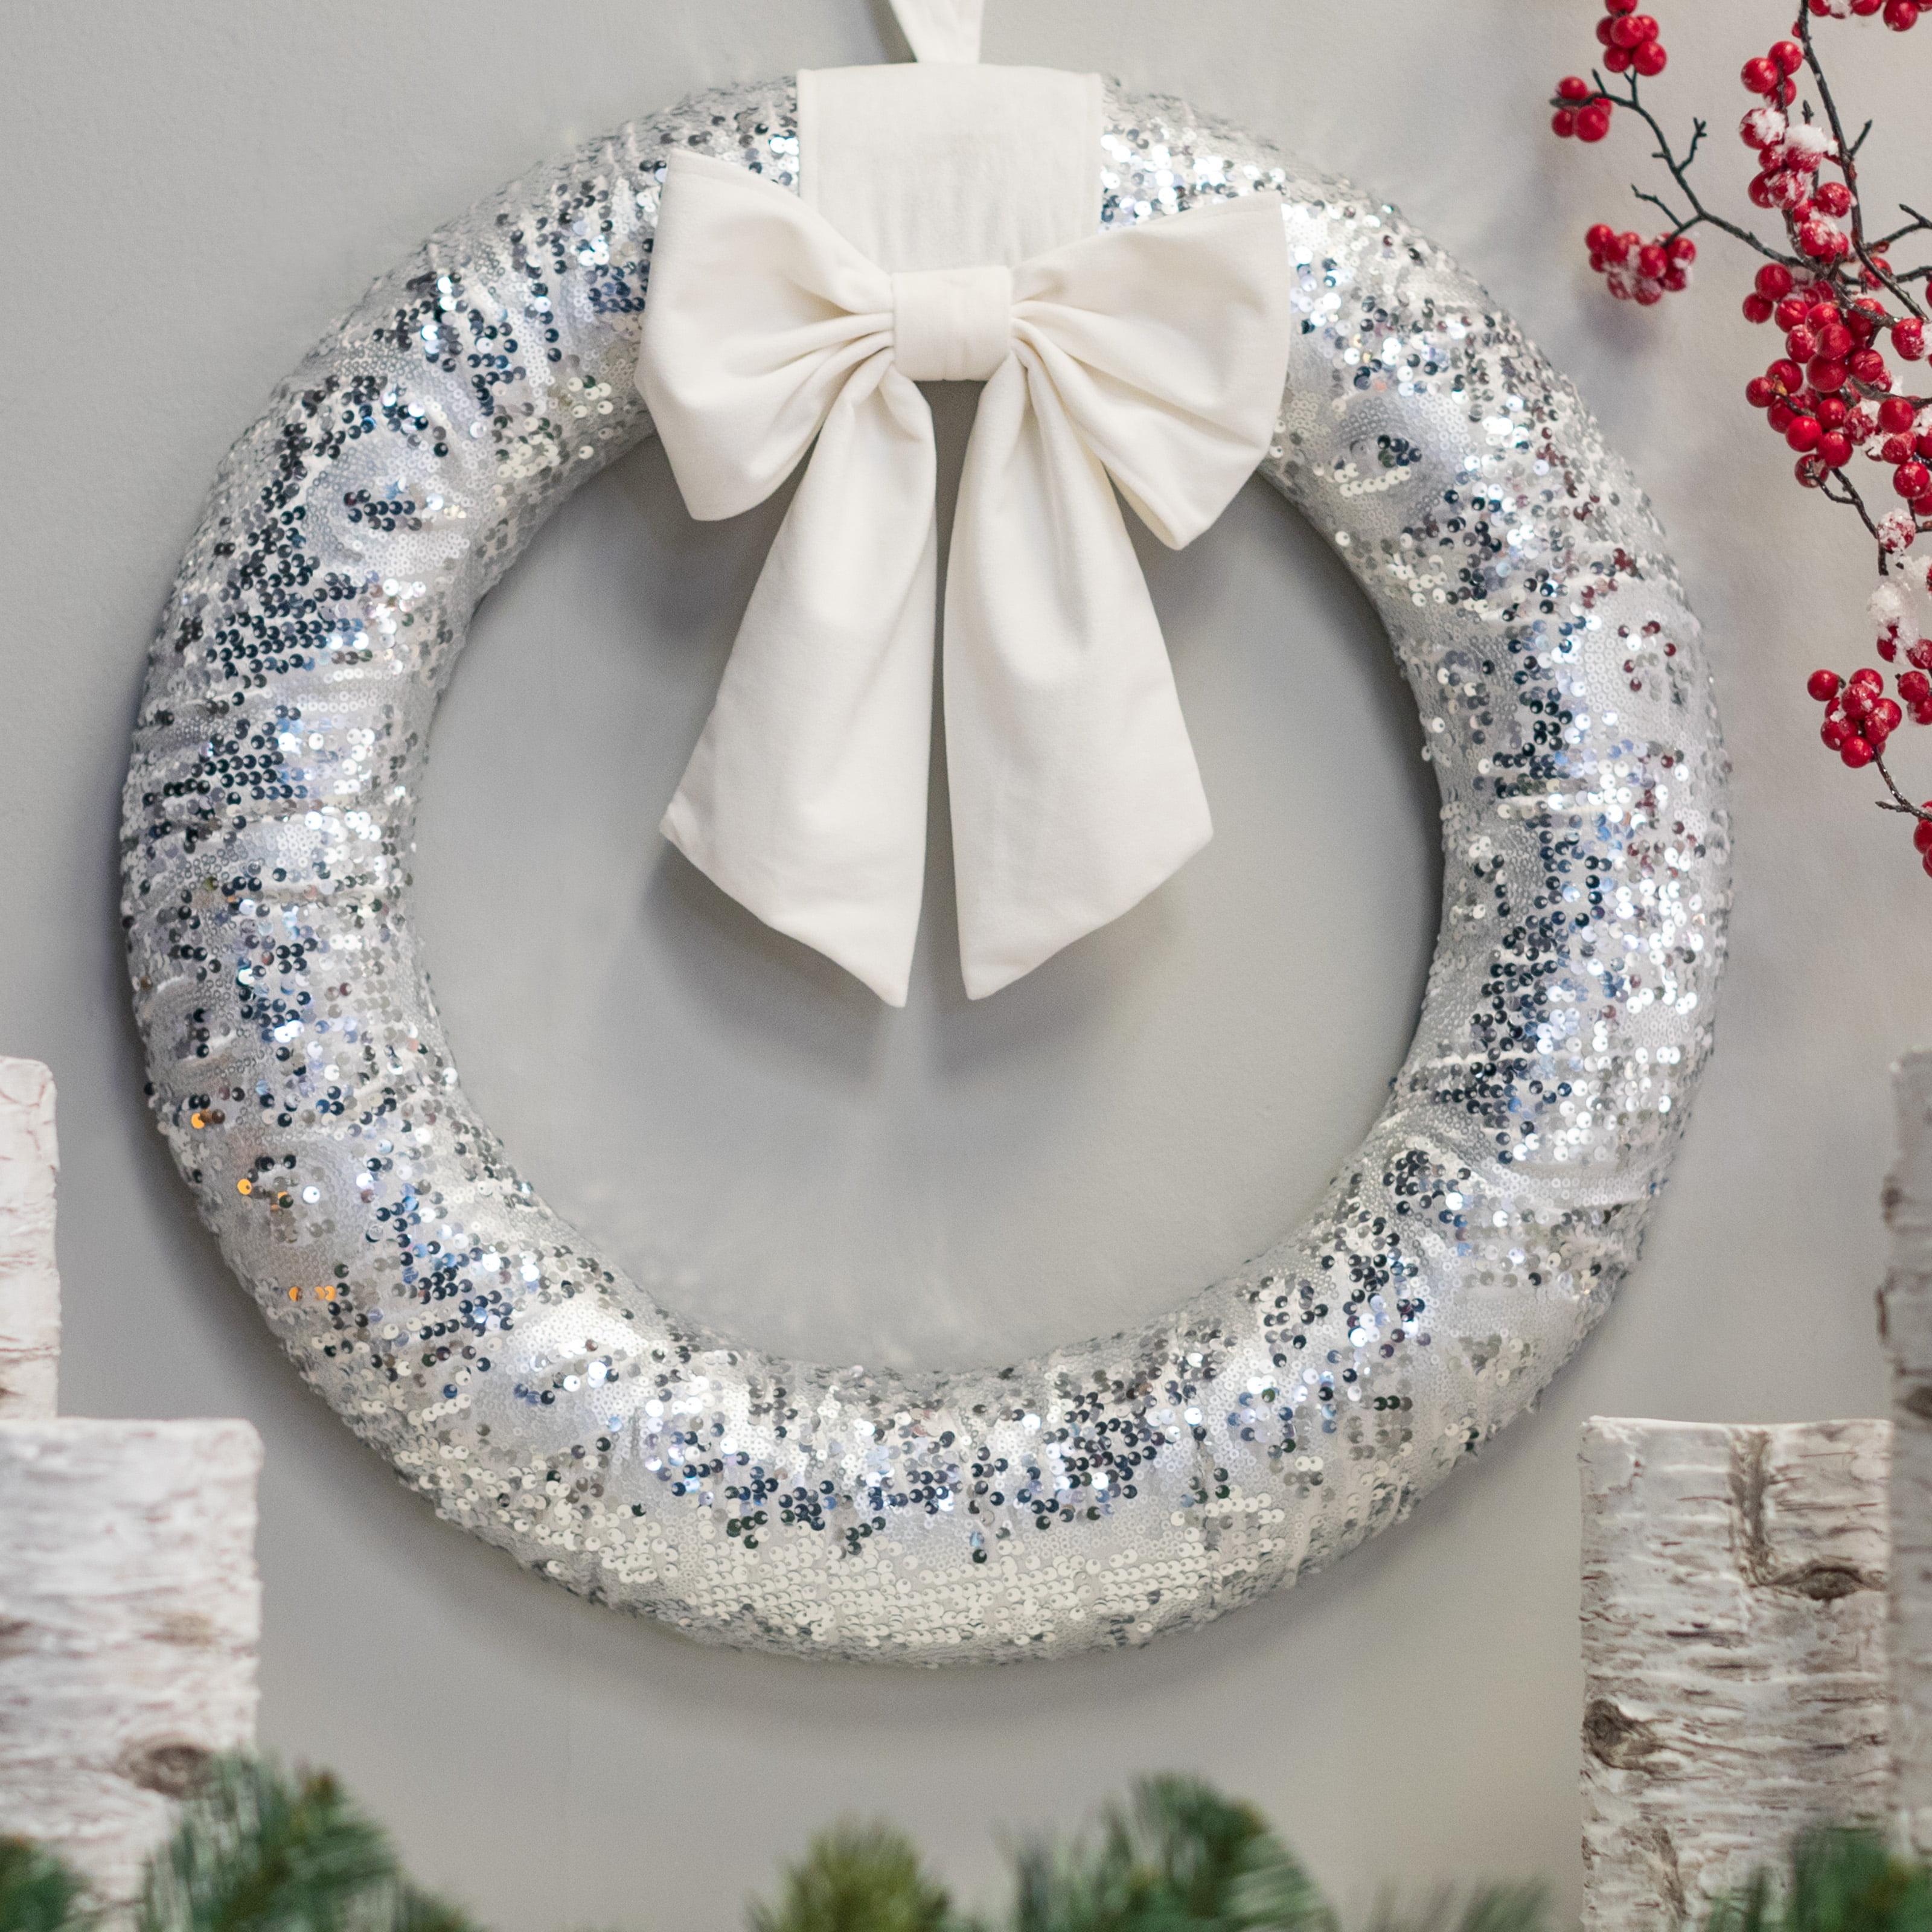 """Belham Living Glitter Christmas Wreath with White Satin Bow, 22"""" diameter"""